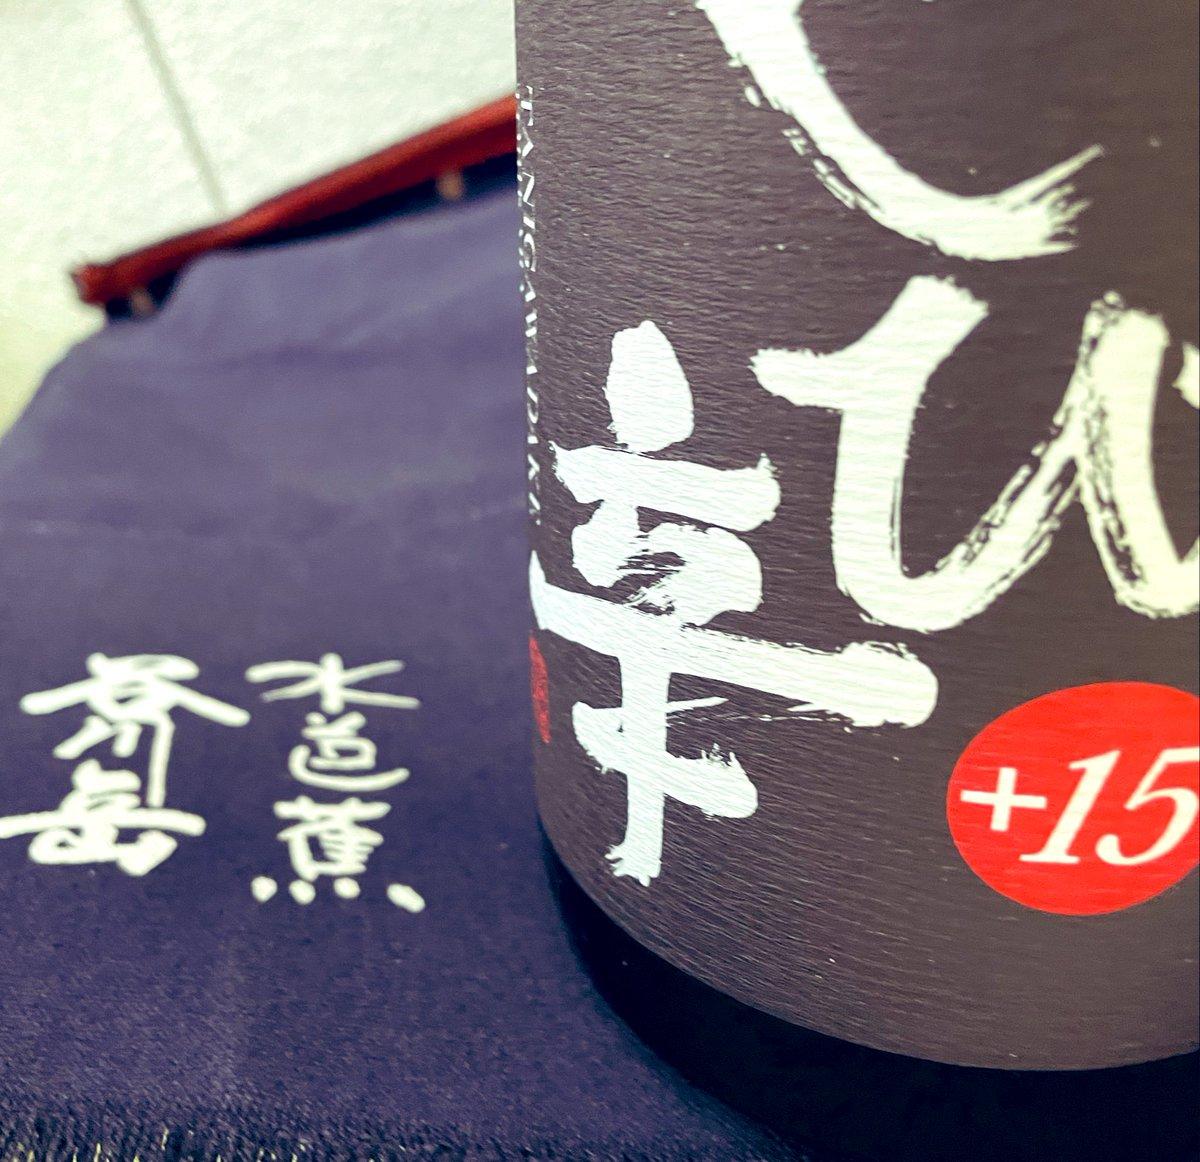 test ツイッターメディア - 今日紹介するのは、群馬県の永井酒造さんの「谷川岳 とび辛」です!  辛さを表す日本酒度(+の数値が高いほど辛く、+6以上で大辛口)が+15もある、とびきりの辛口です🔥 誰もが辛いと感じるお酒。 こってりした料理、油を使用した料理に負けず、かといってお酒だけが主張しないほどよい食中酒です✨ https://t.co/kvzEixfAe7